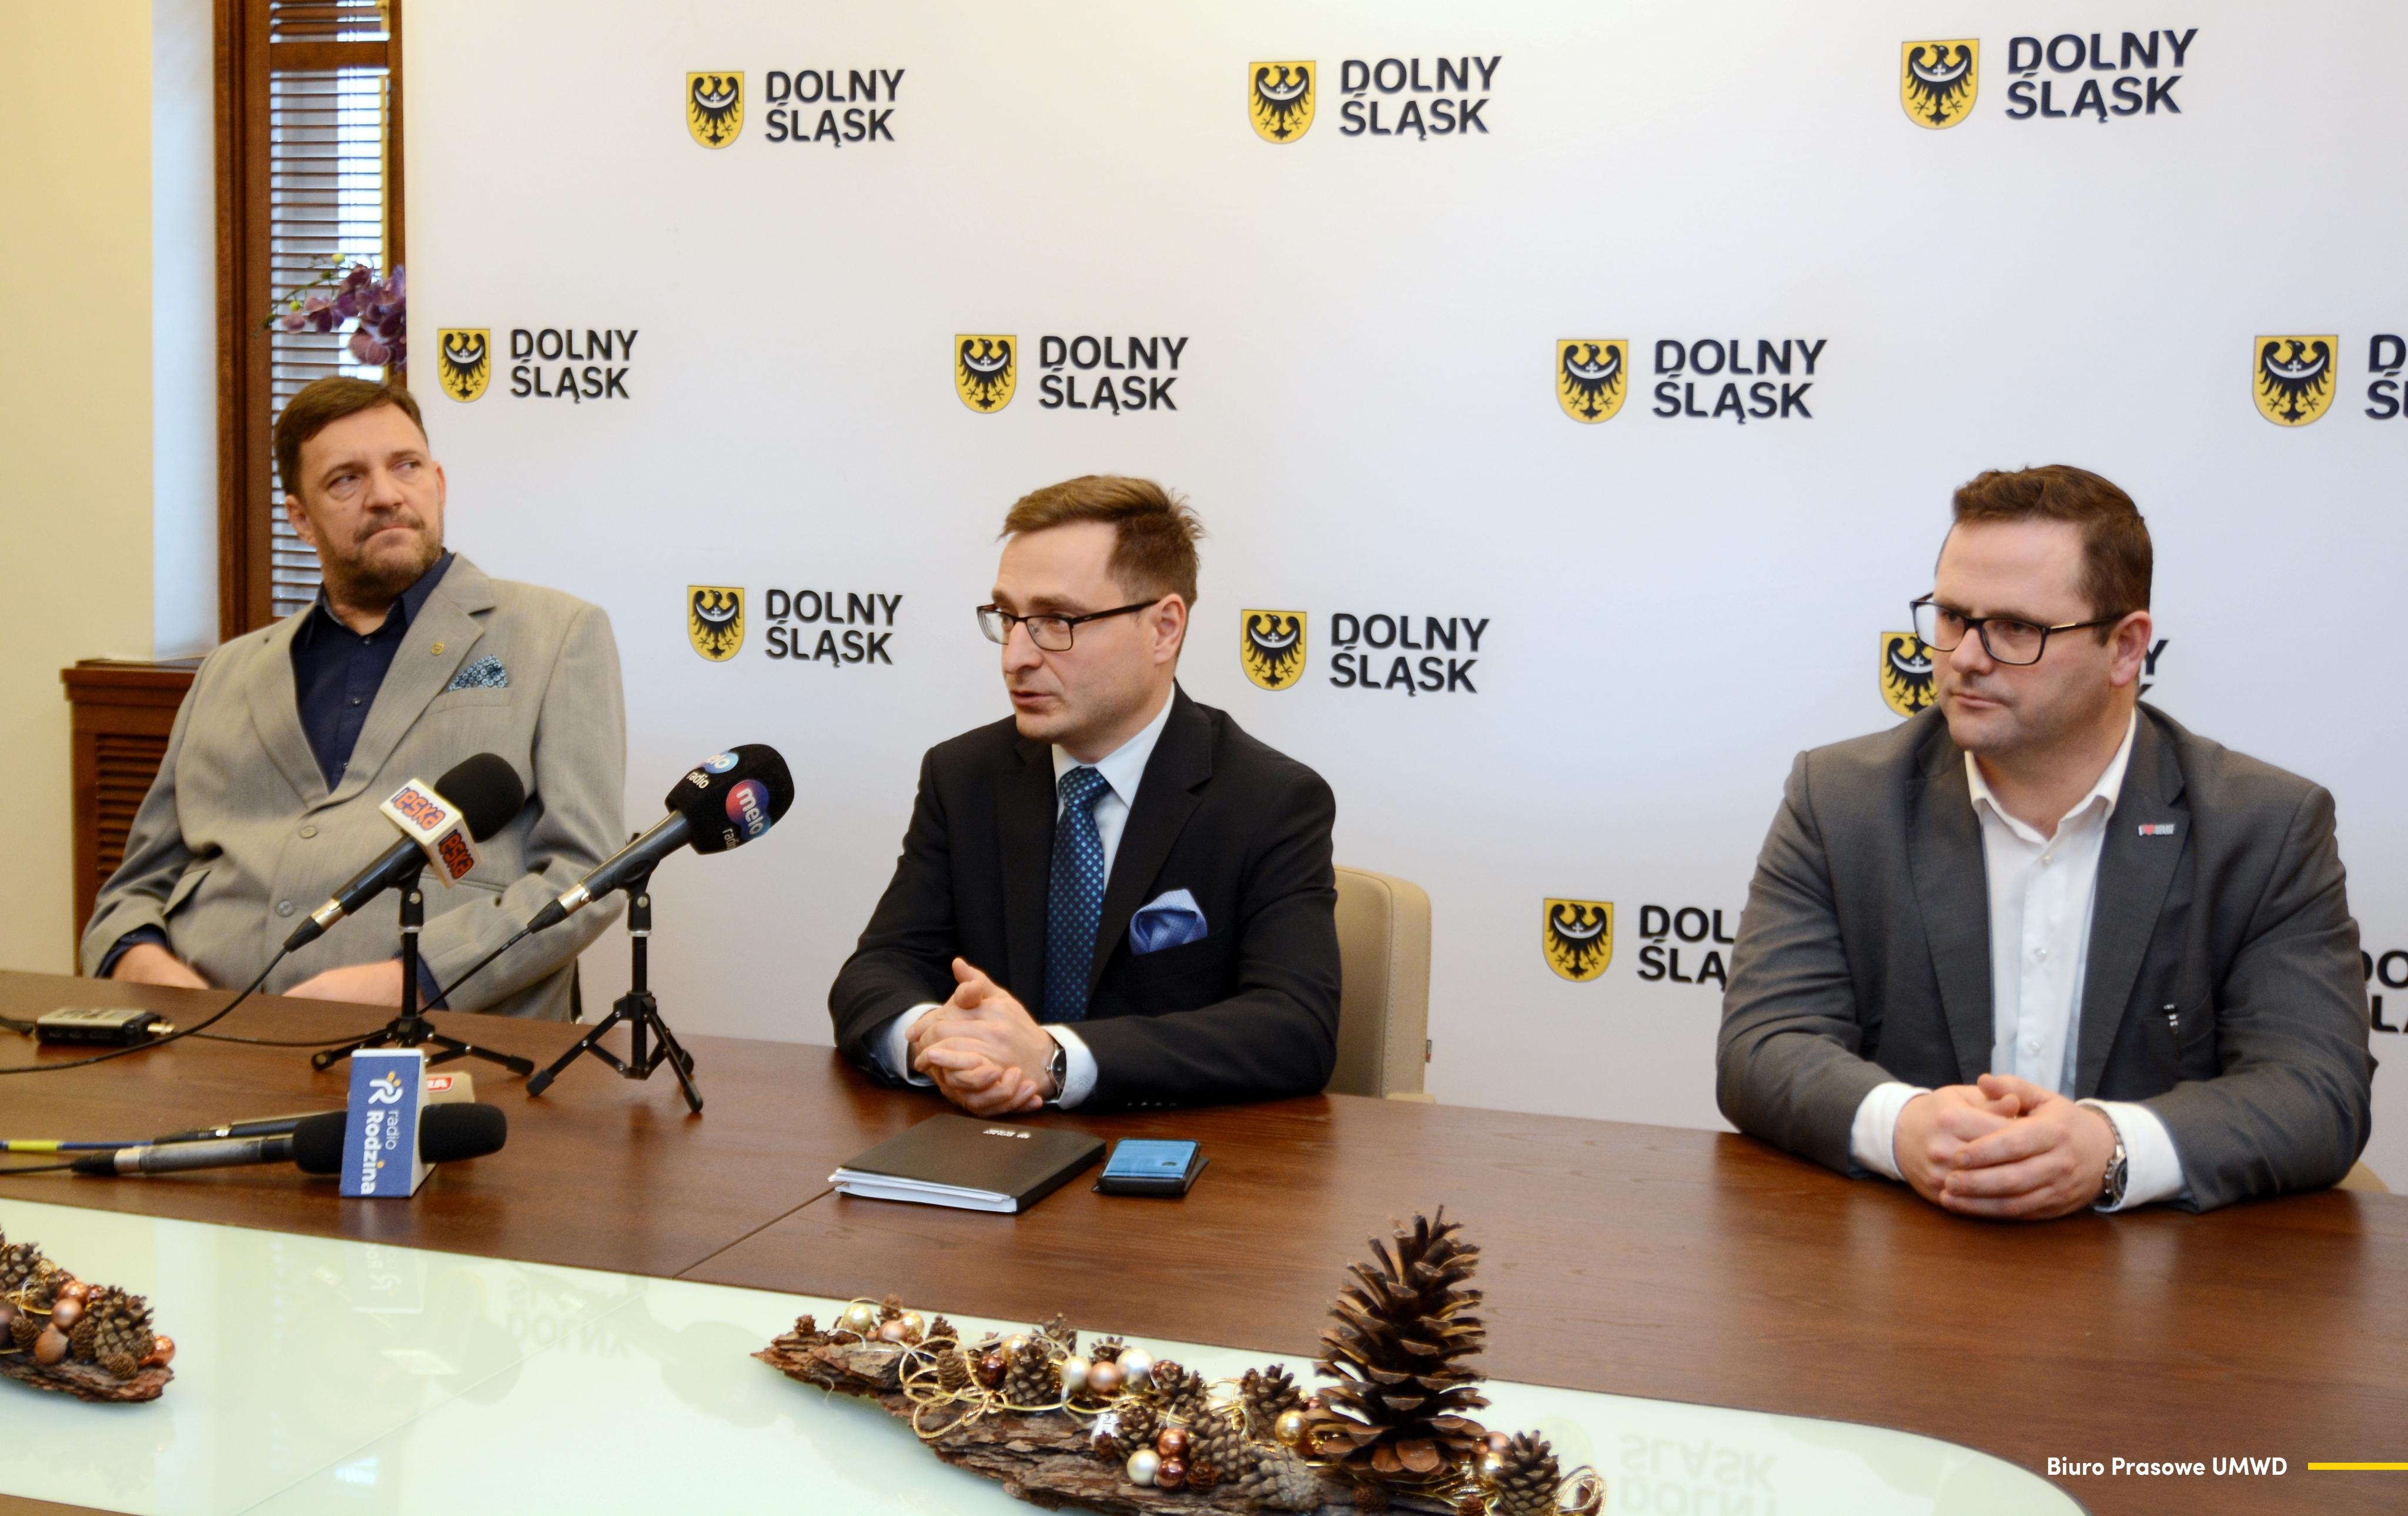 Dofinansowane zostaną projekty na udostępnienie usług asystenckich, przerwy wytchnieniowej i regeneracyjnej dla mieszkańców czterech subregionów: wrocławskiego, legnicko-głogowskiego, jeleniogórskiego i wałbrzyskiego (fot. umwd.dolnyslask.pl)